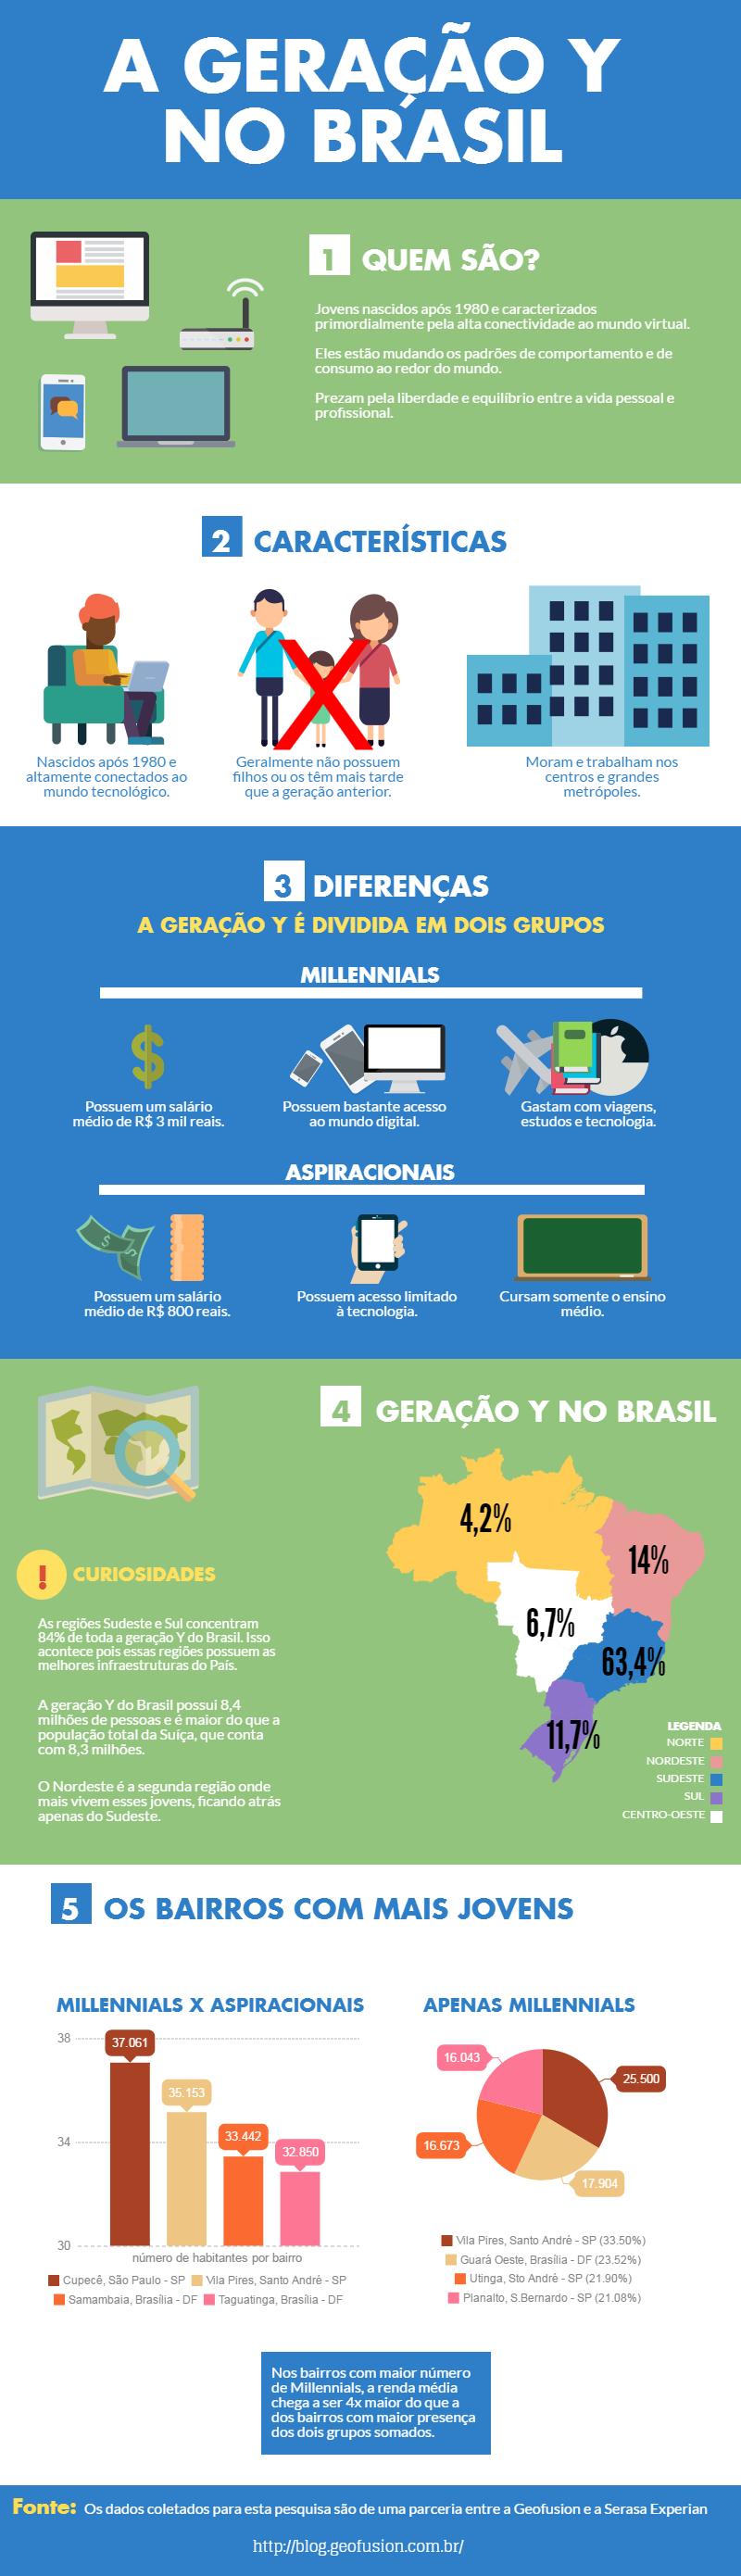 infografico-geracao-Y